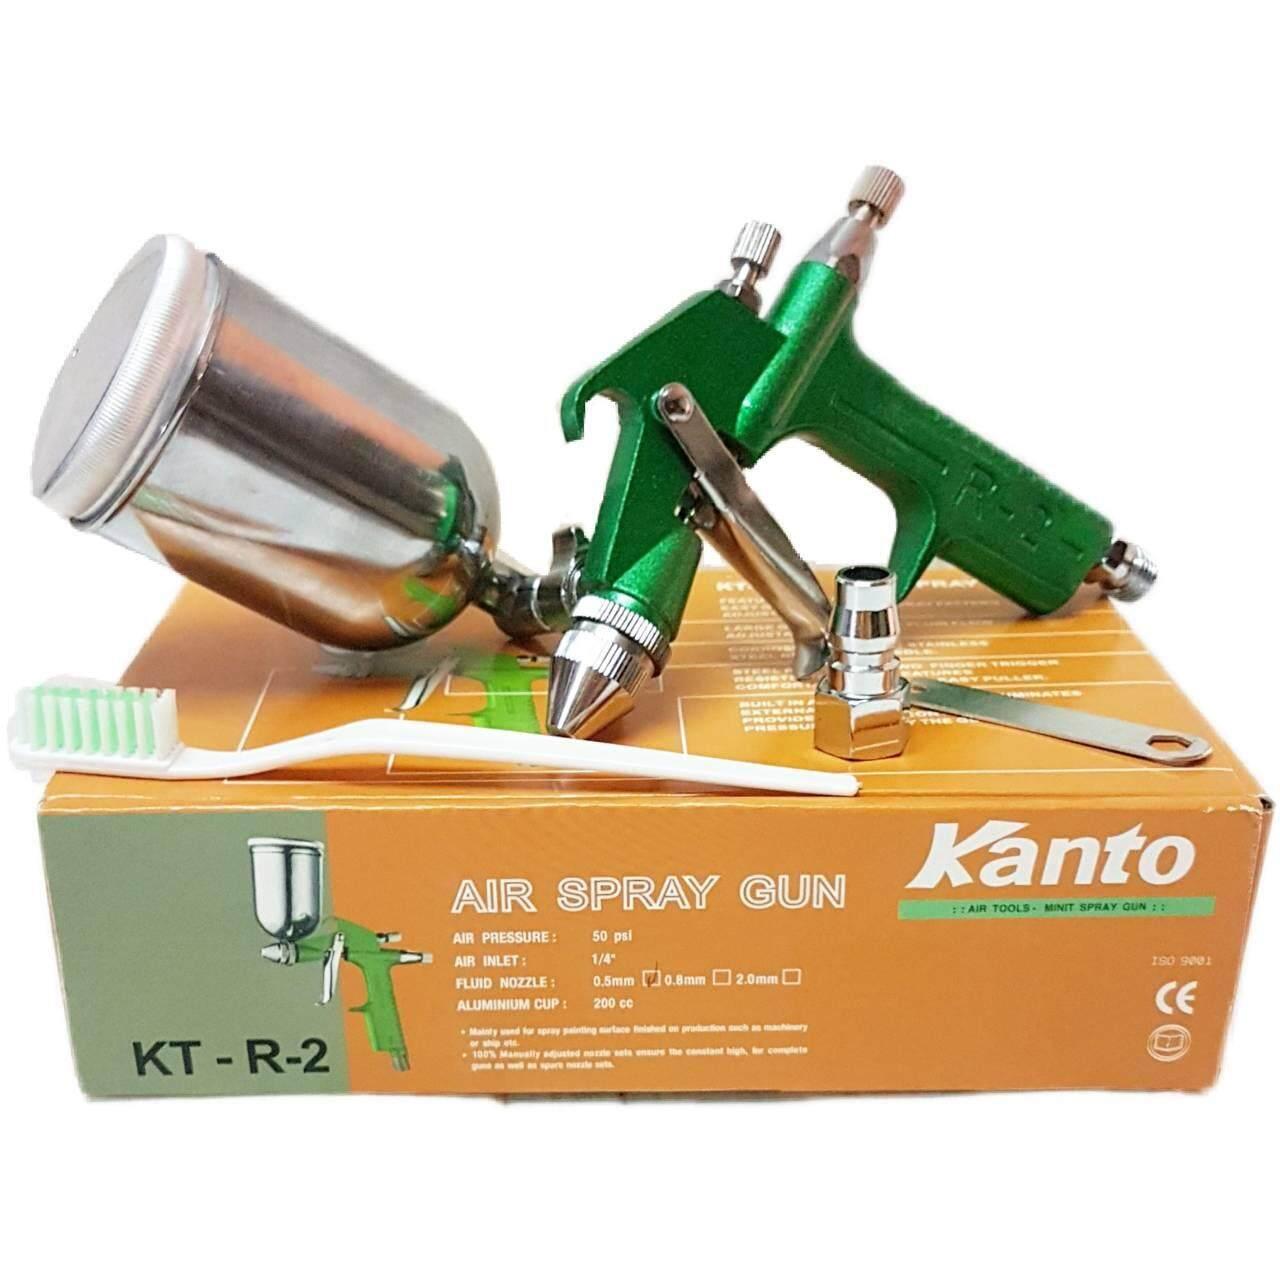 KANTO กาพ่นสี ปรับหัวได้ รุ่น KT-R-2